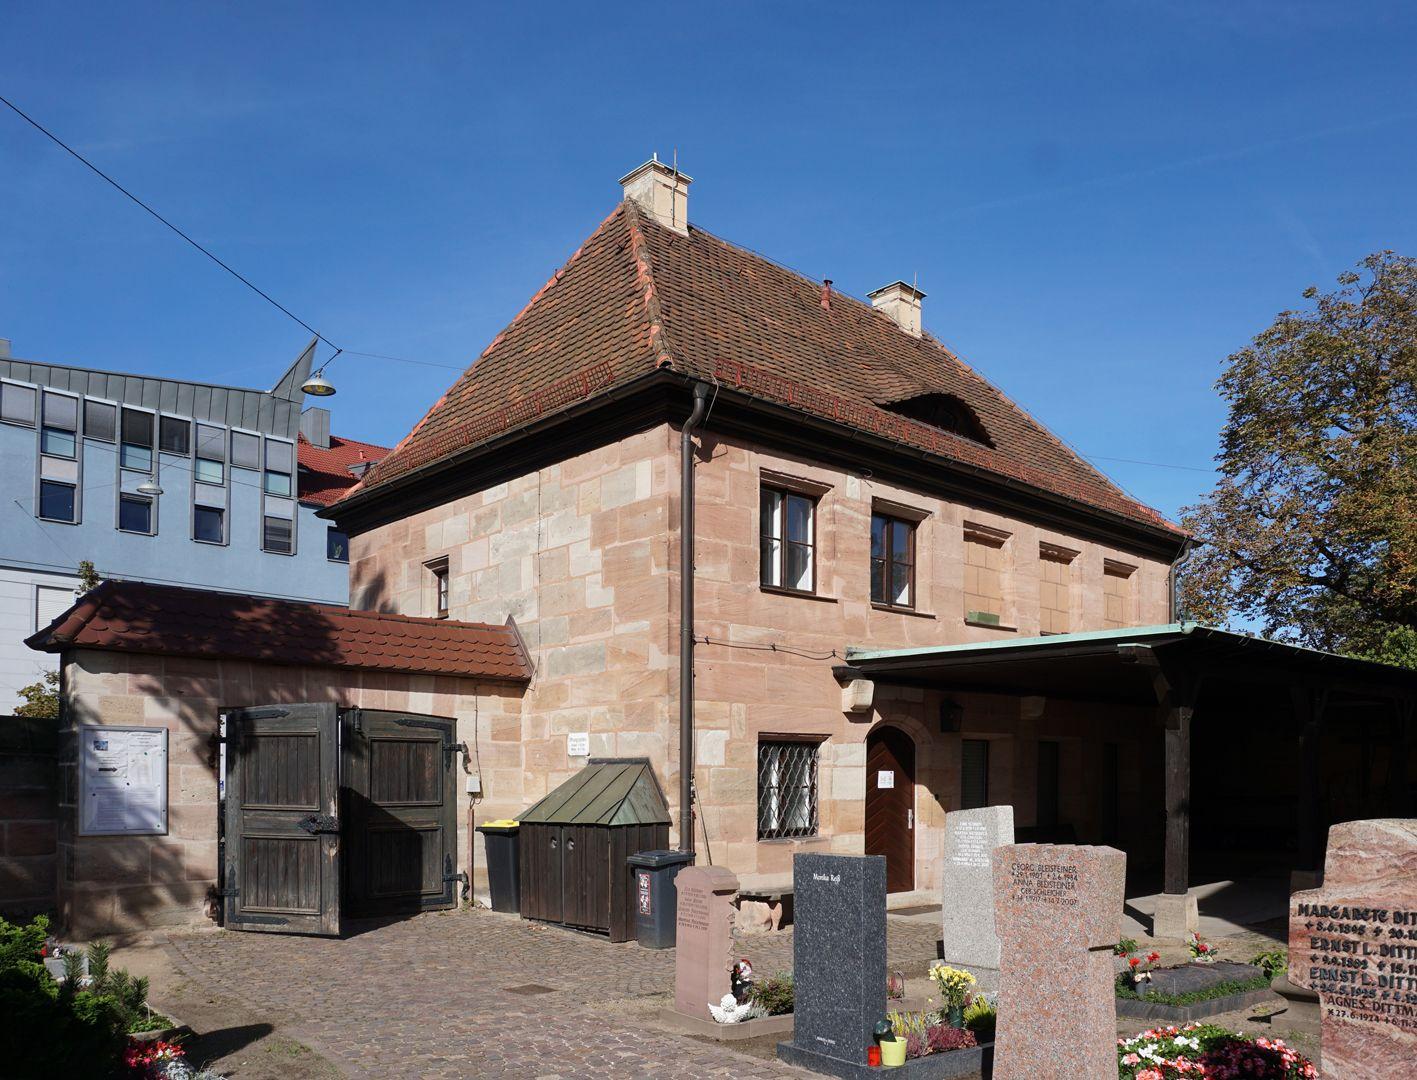 Pförtnerhaus des Friedhofs St. Jobst Ansicht von Südwest mit Friedhofseingang